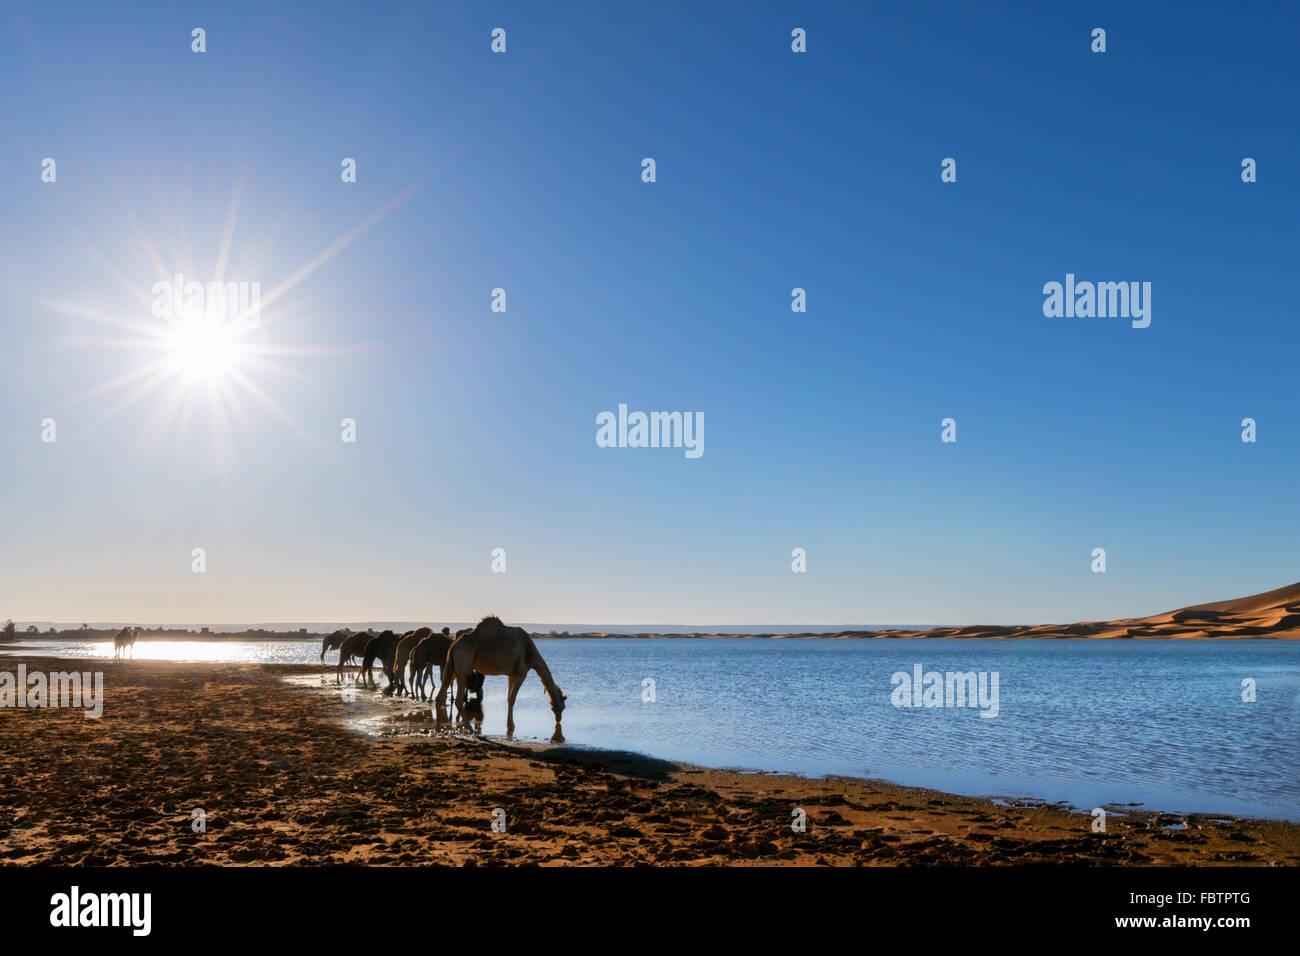 Des dromadaires de boire de l'eau à un lac rempli de pluie au dunes de l'Erg Chebbi, Merzouga, Maroc. Photo Stock